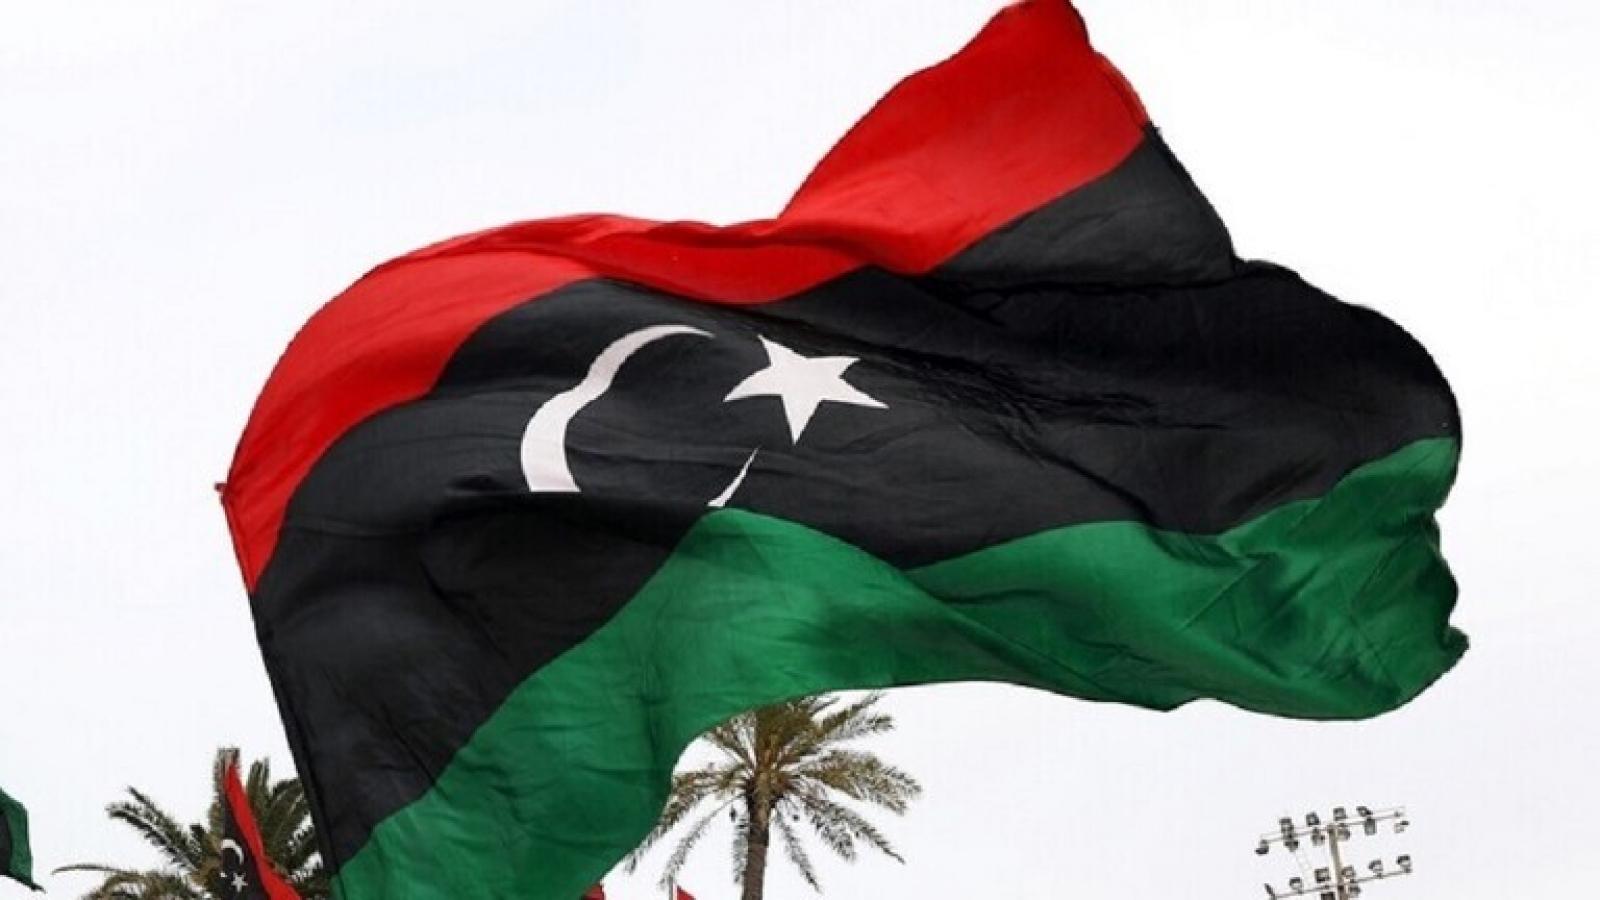 Liên Hợp Quốc kêu gọi Libya đoàn kết xây dựng và thống nhất